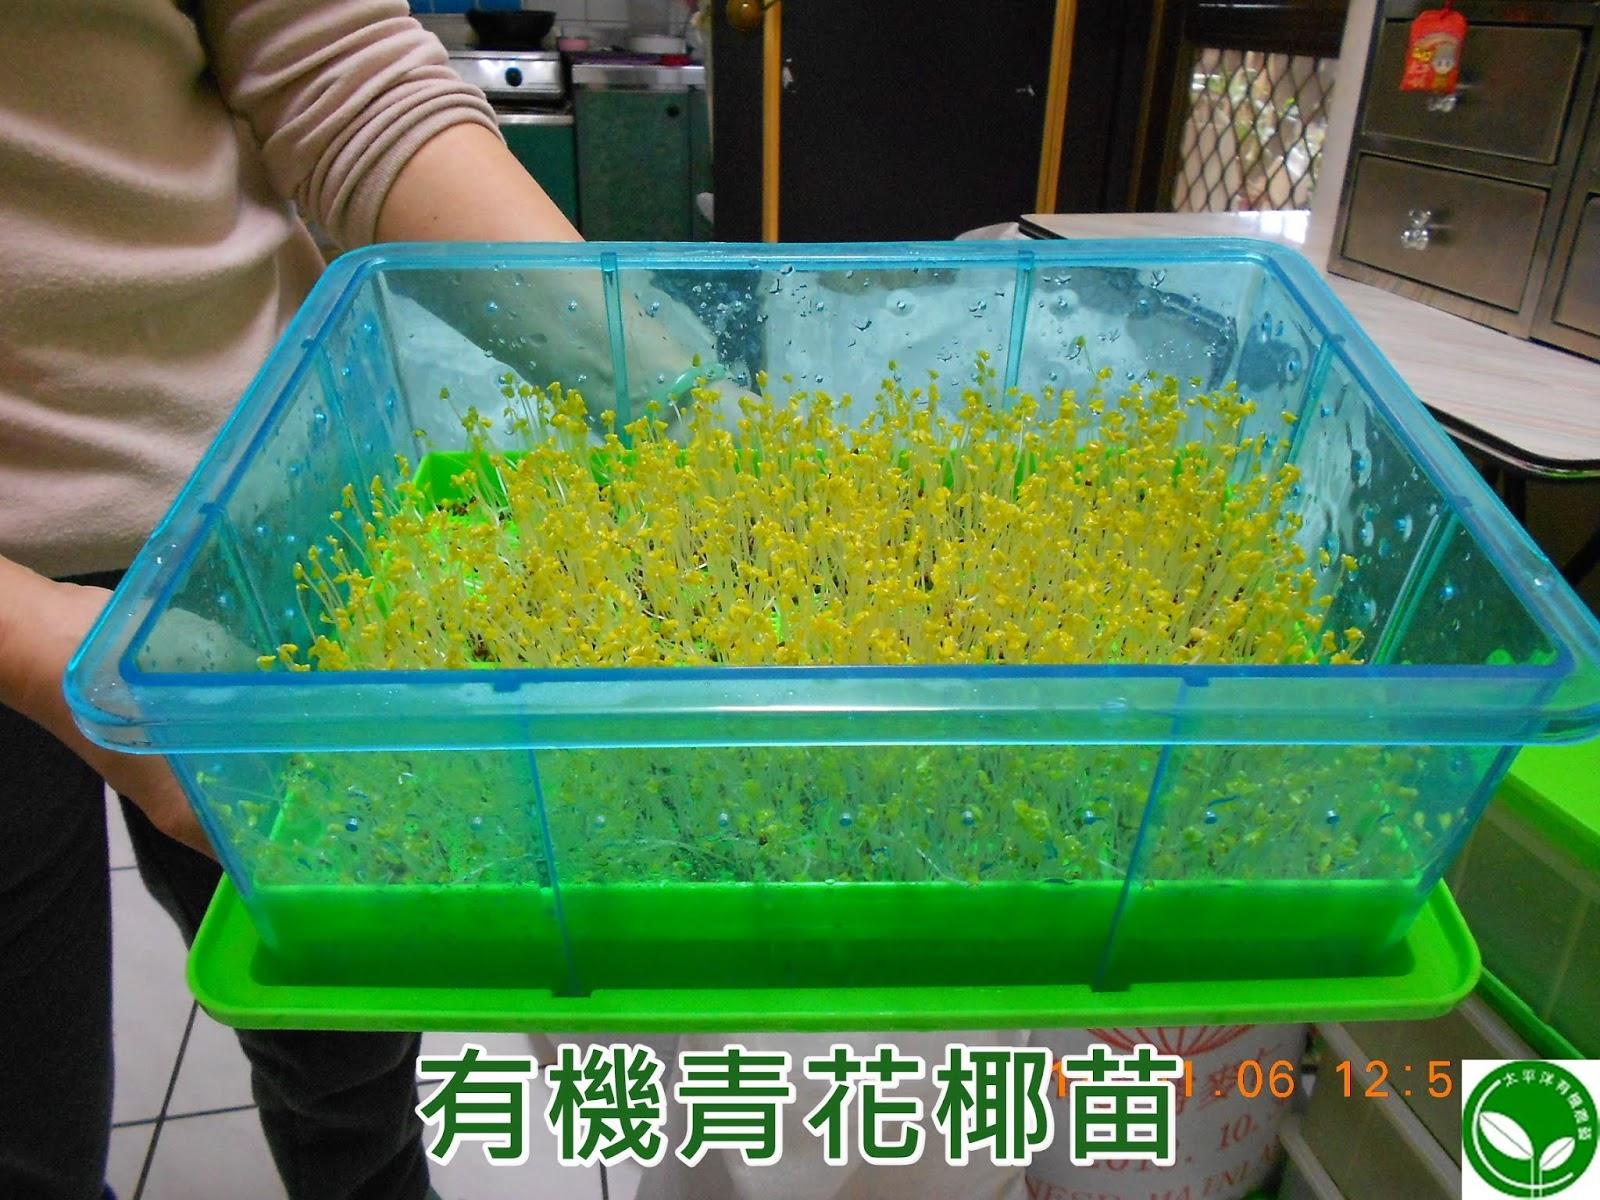 青花菜變黃,綠花椰營養,青花椰苗,青花椰,綠花椰菜芽,青花菜,青花菜種植,綠花椰,綠花椰菜,青花菜食譜